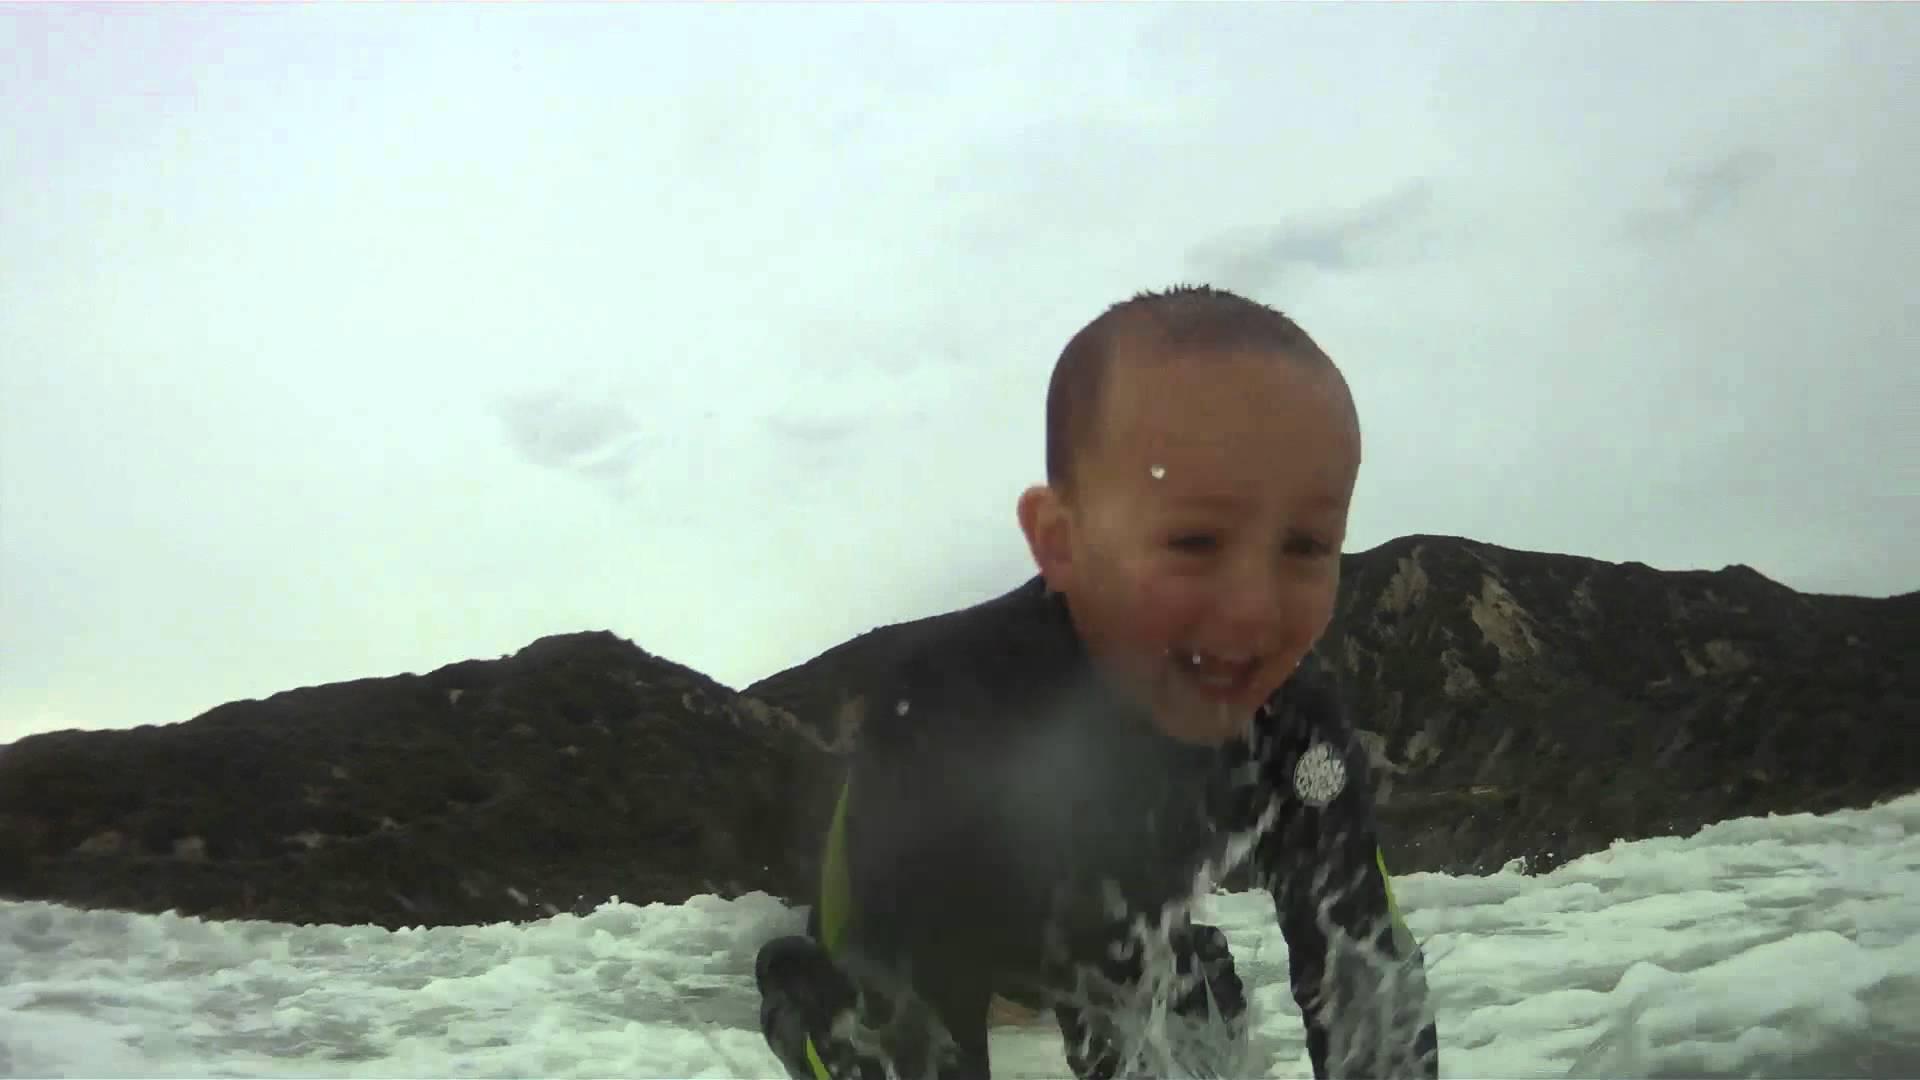 2 jaar en al op de surfplank